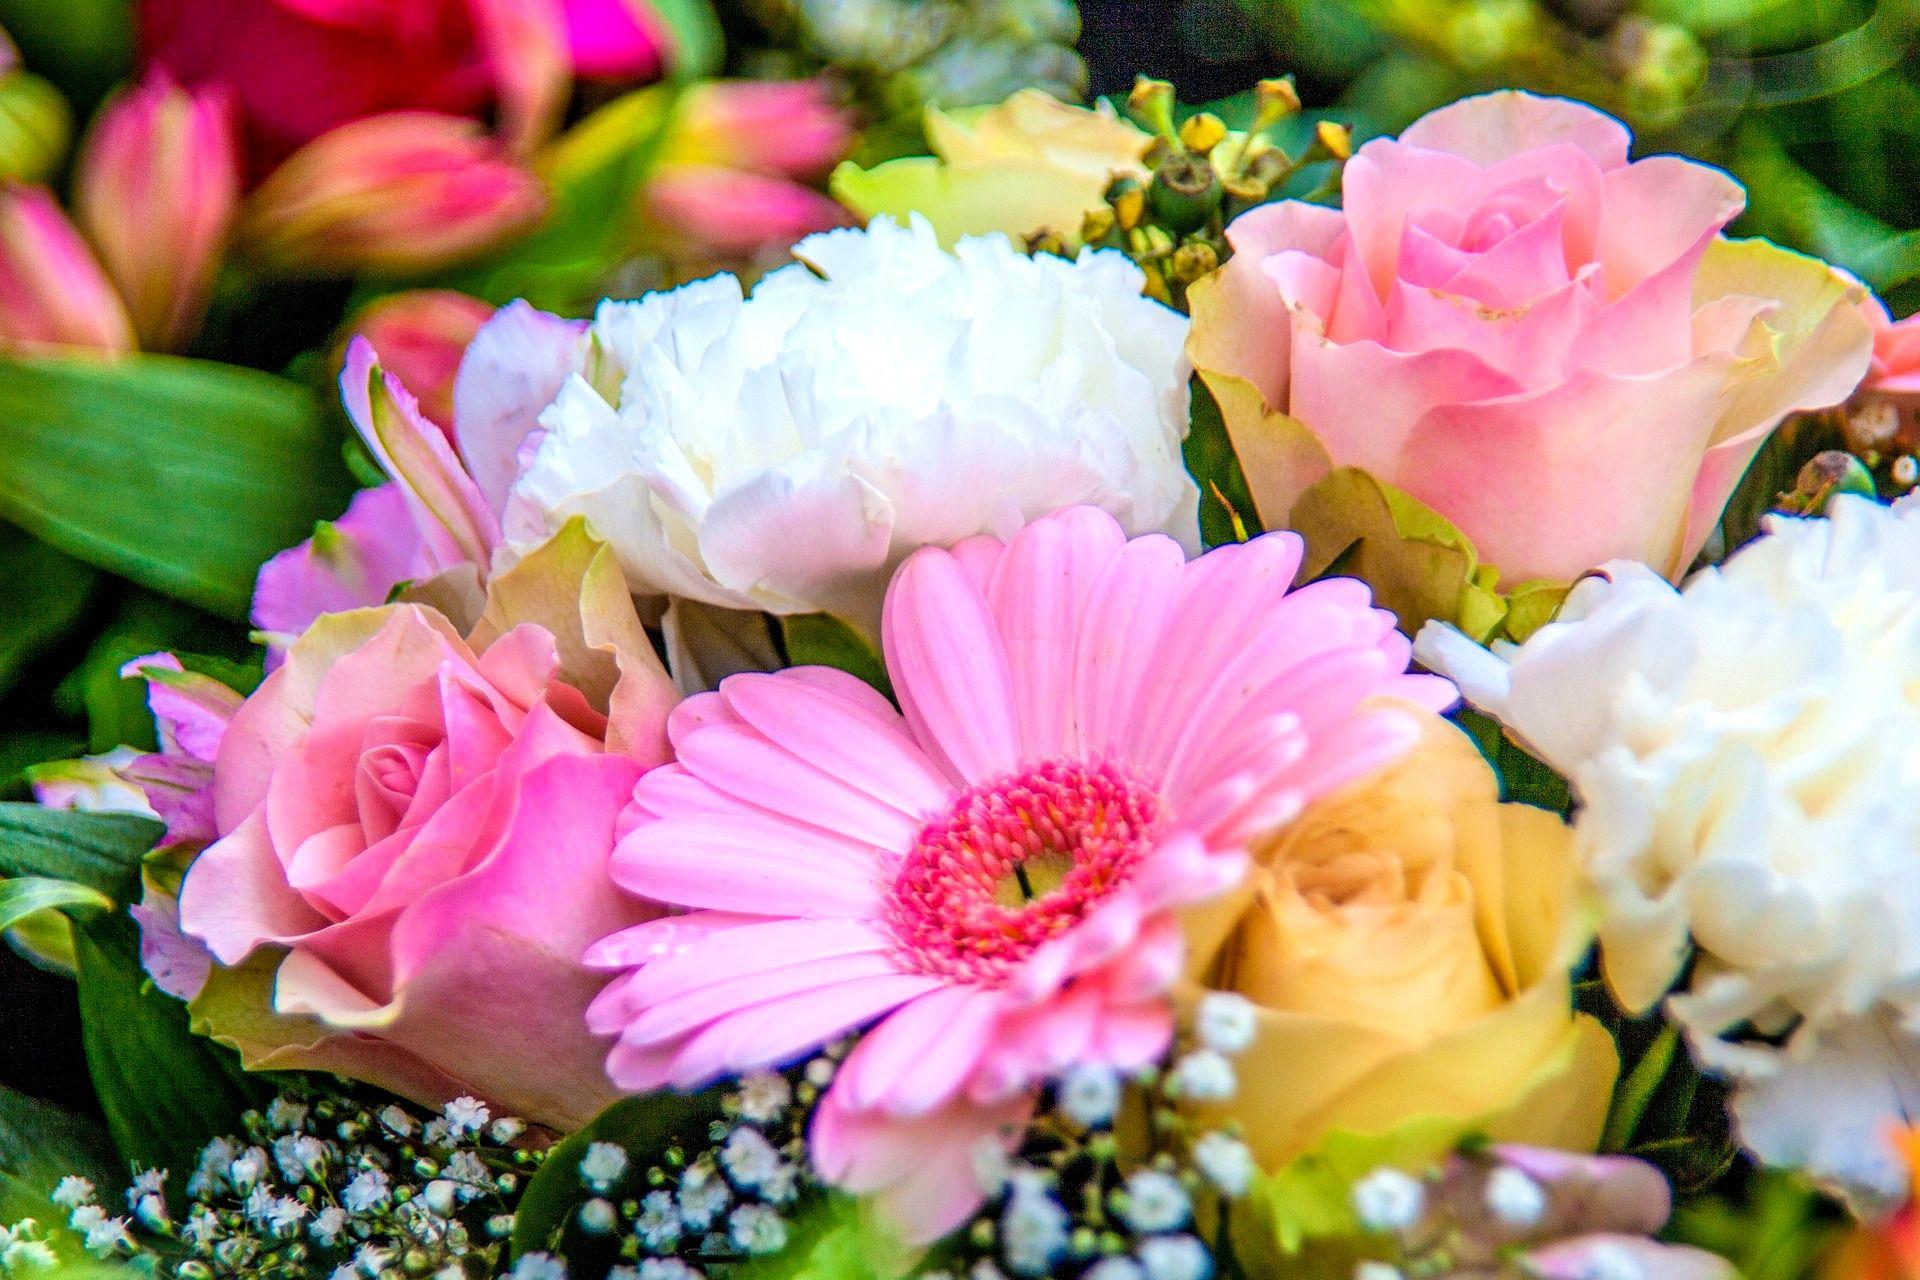 بالصور صور ورود روعه , التقاط سحر الورود الطبيعية فى صور خاصة رائعة 1905 5